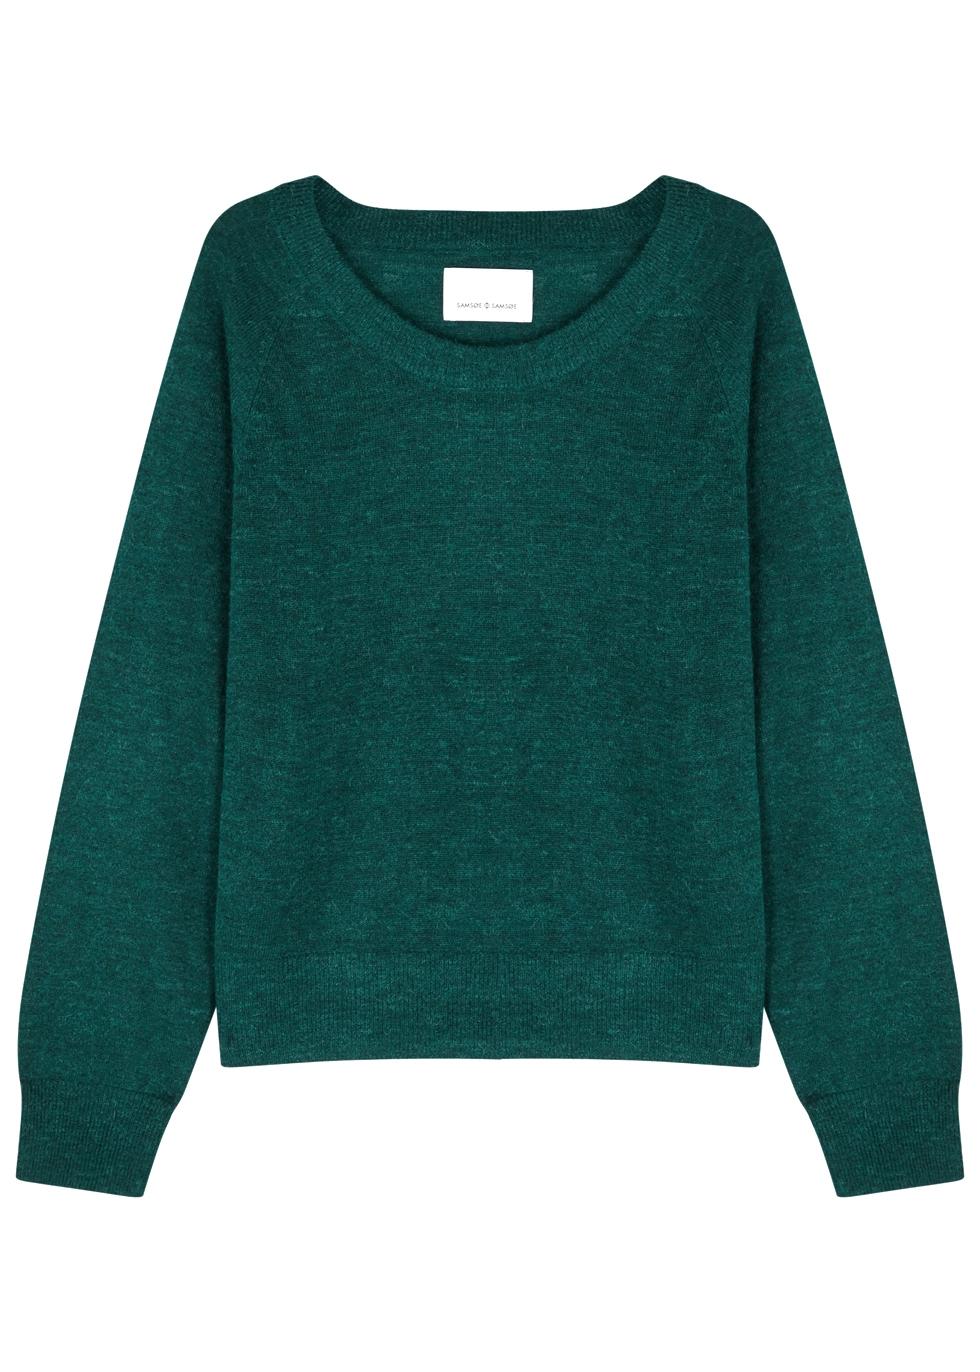 SAMS0E & SAMS0E Lemba Dark Emerald Knitted Jumper in Green